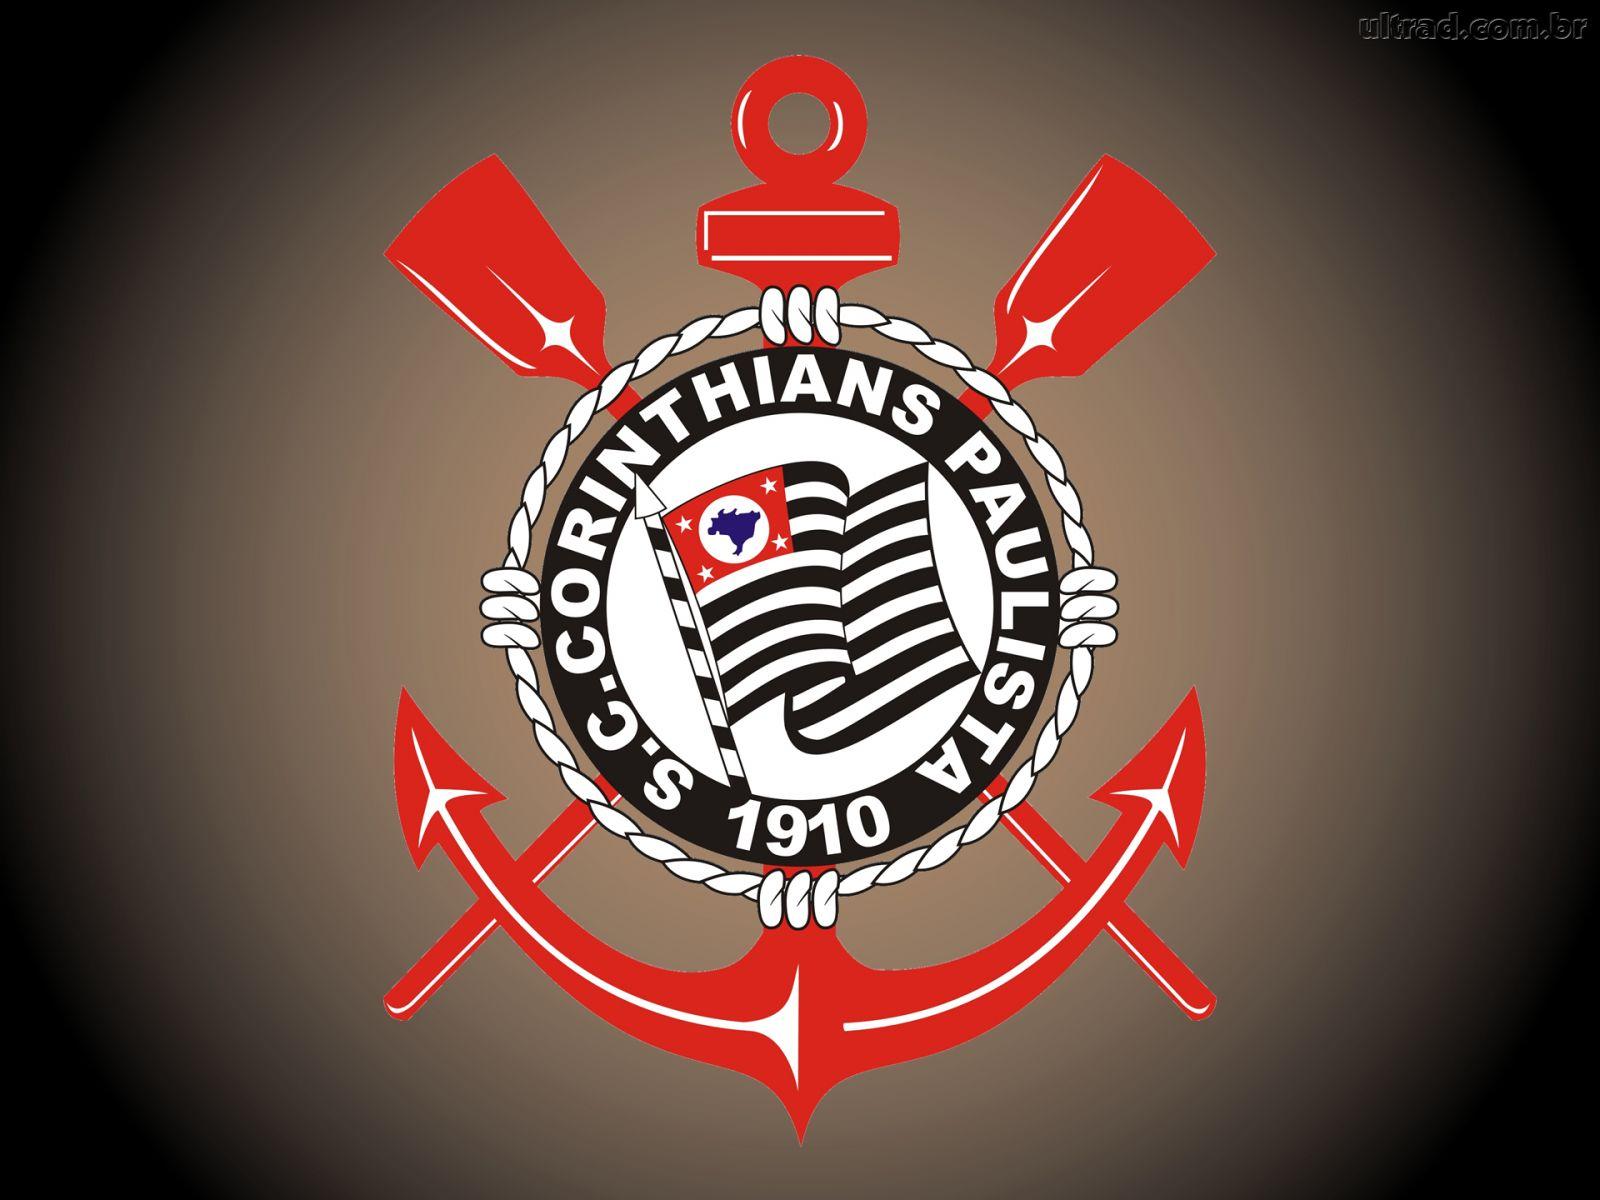 ae6975eb597ca Simbolos Do Corinthians Para Papel De Parede - Fotos de Papel de Parede  Papel de Parede